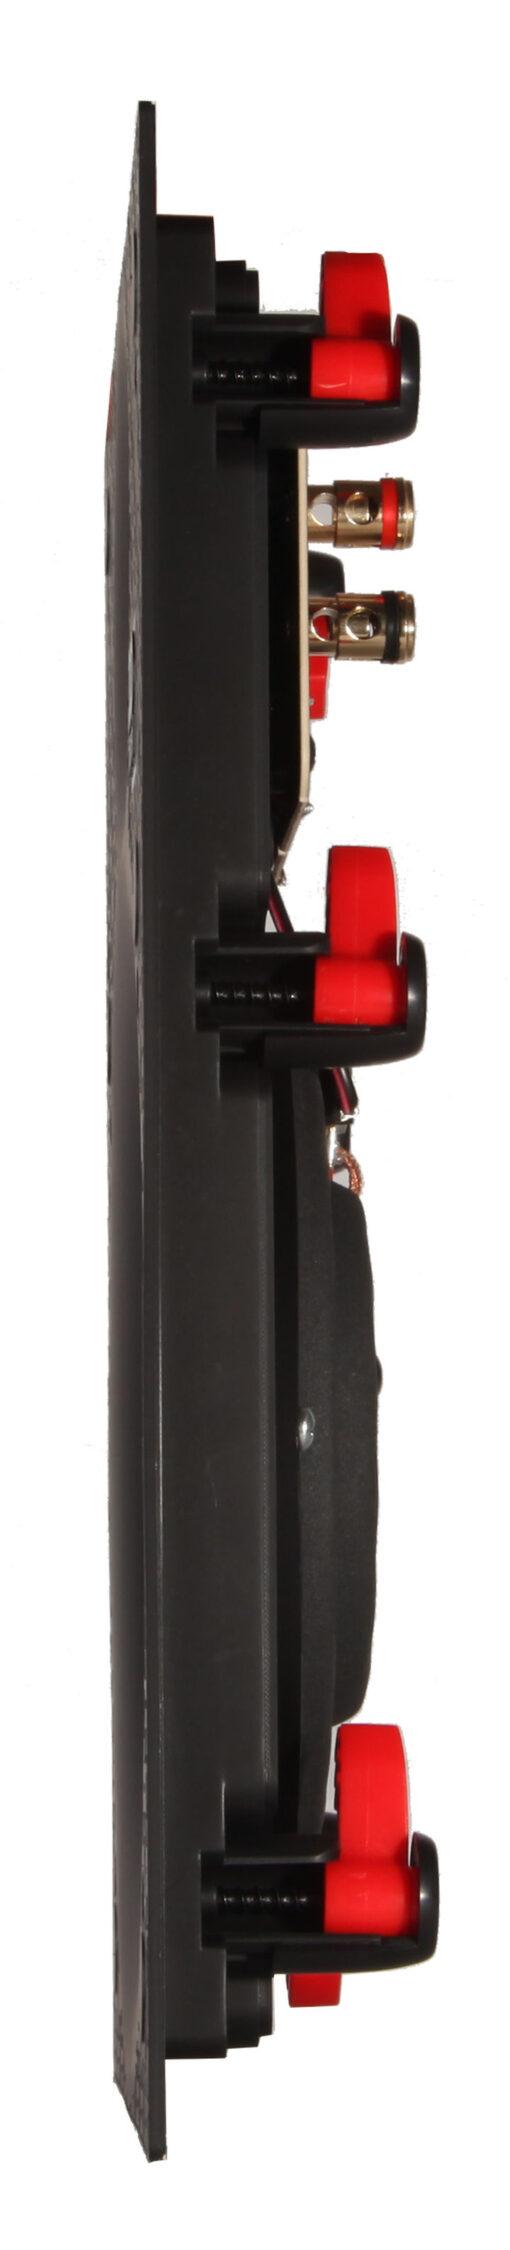 Morel PMW600 innfelt slim høyttaler side